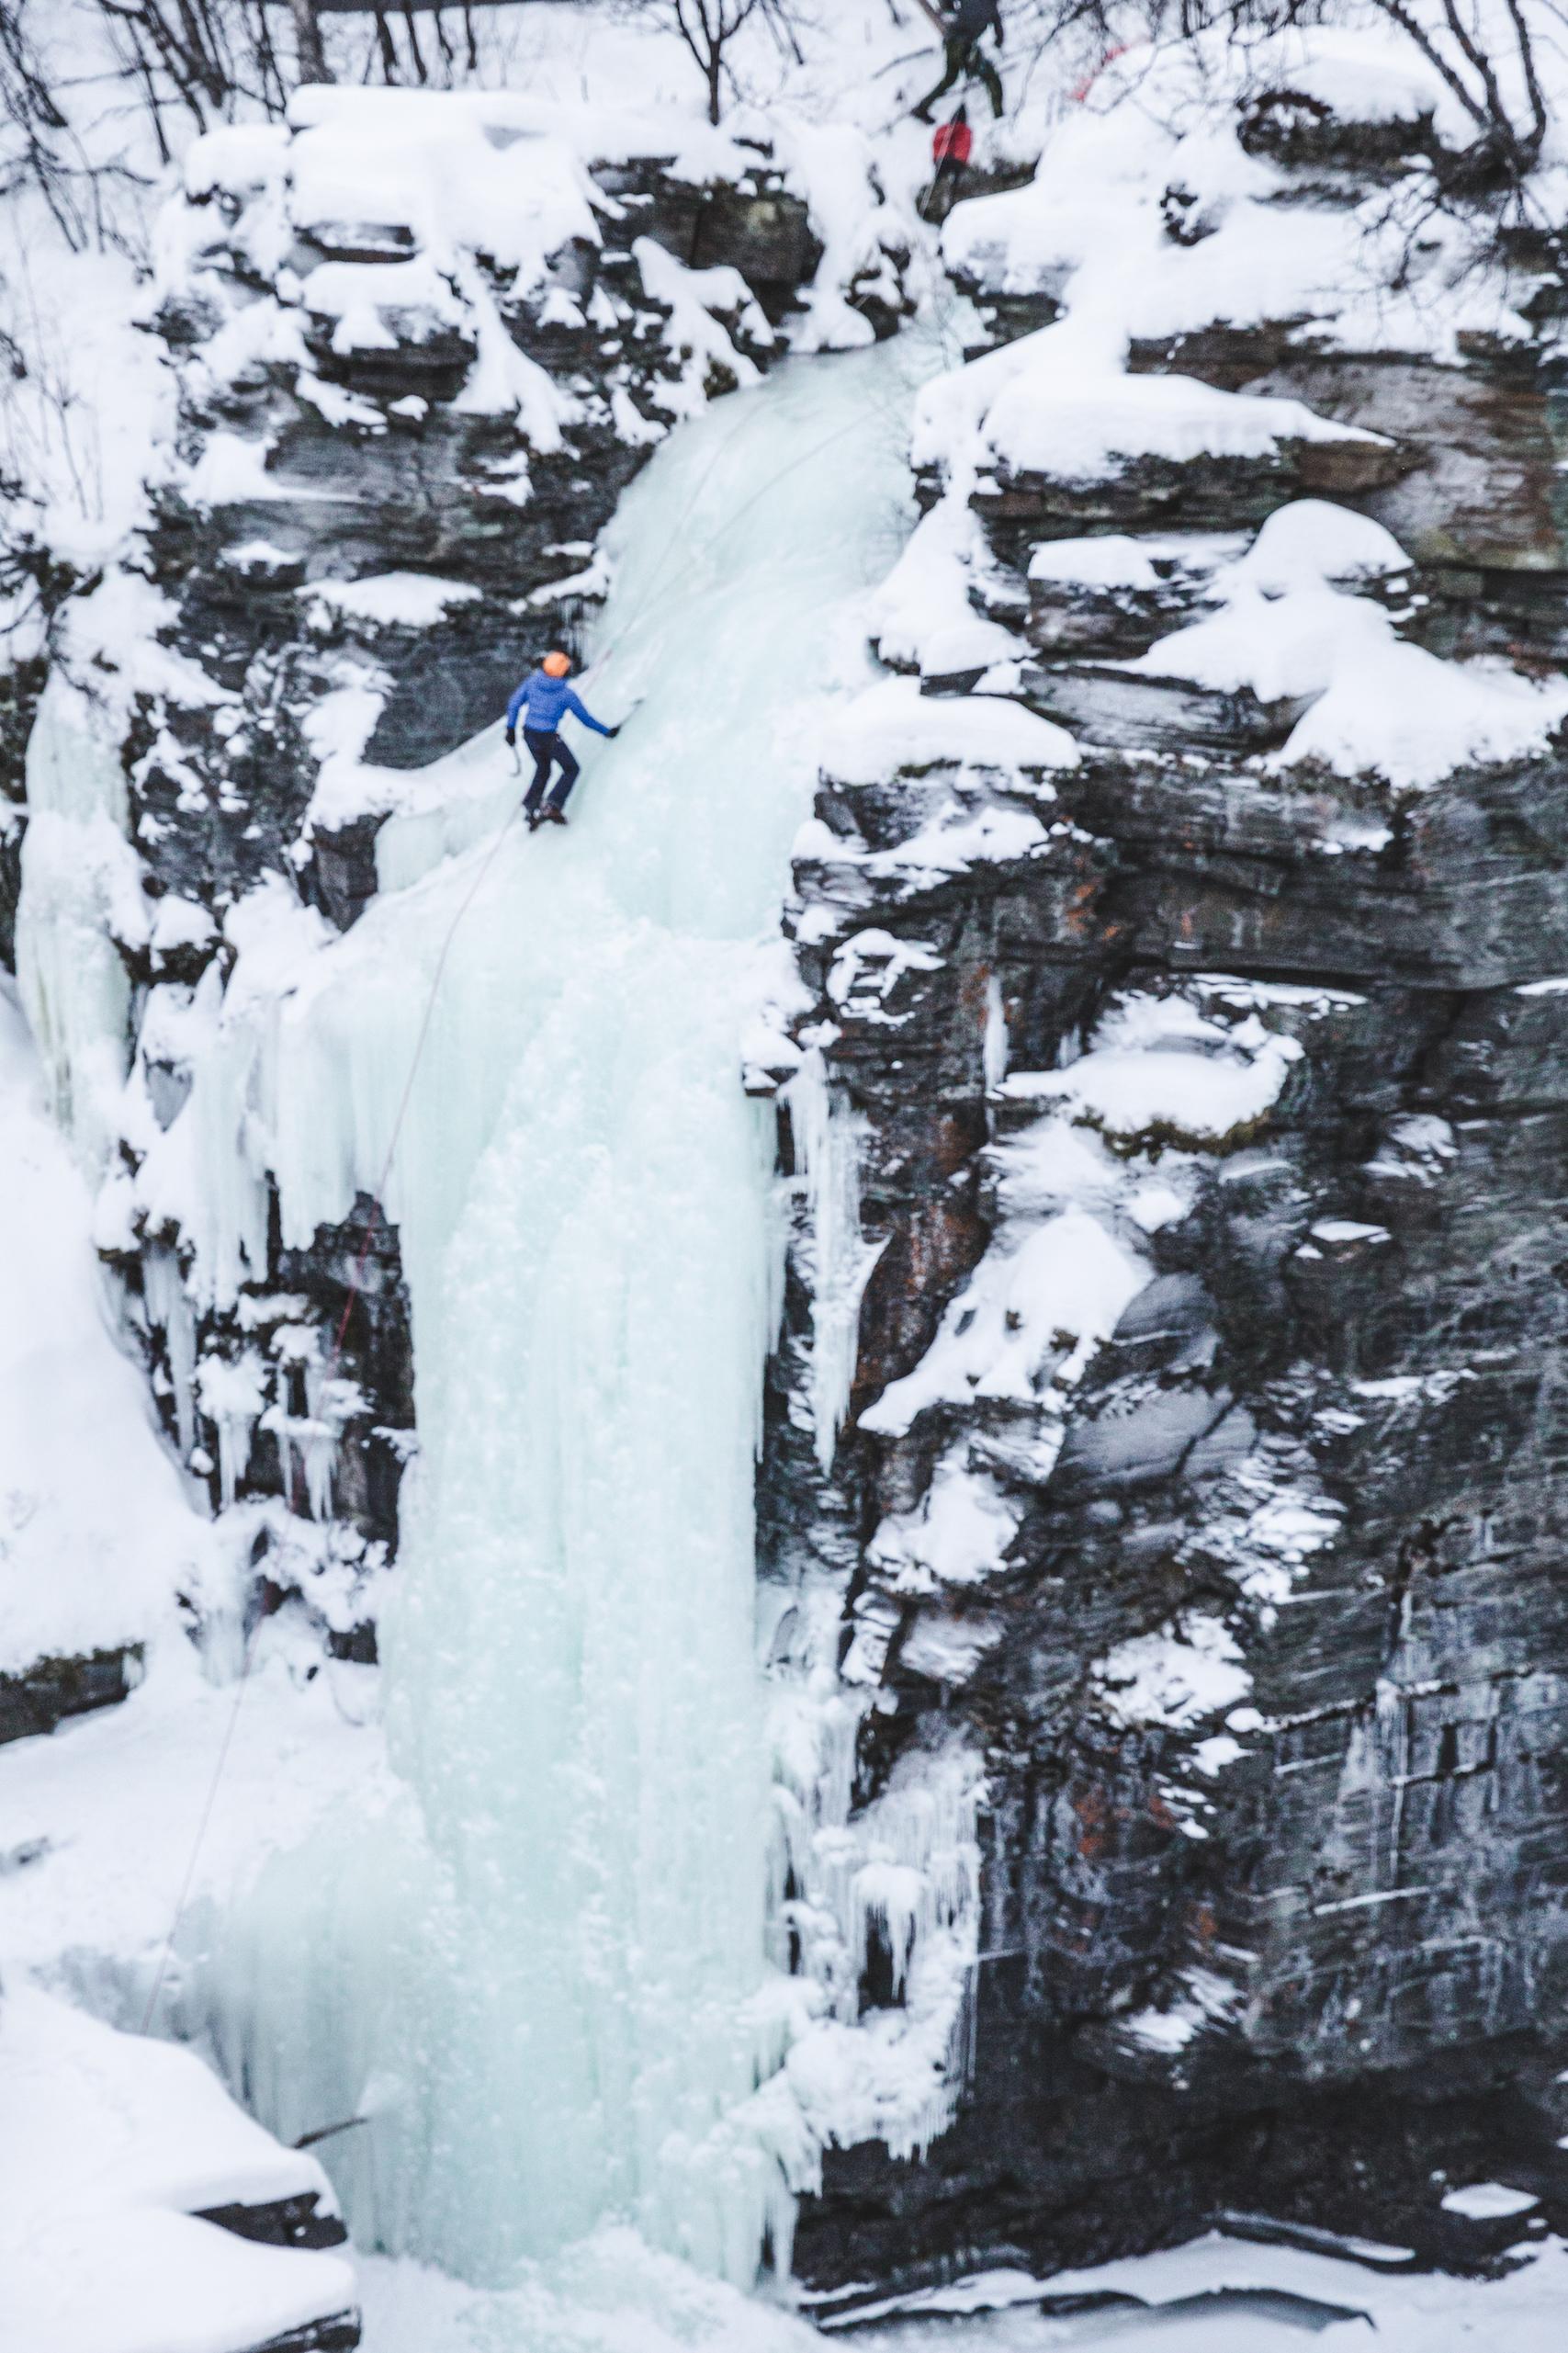 Person climbing frozen waterfall in Abisko, Sweden in winter